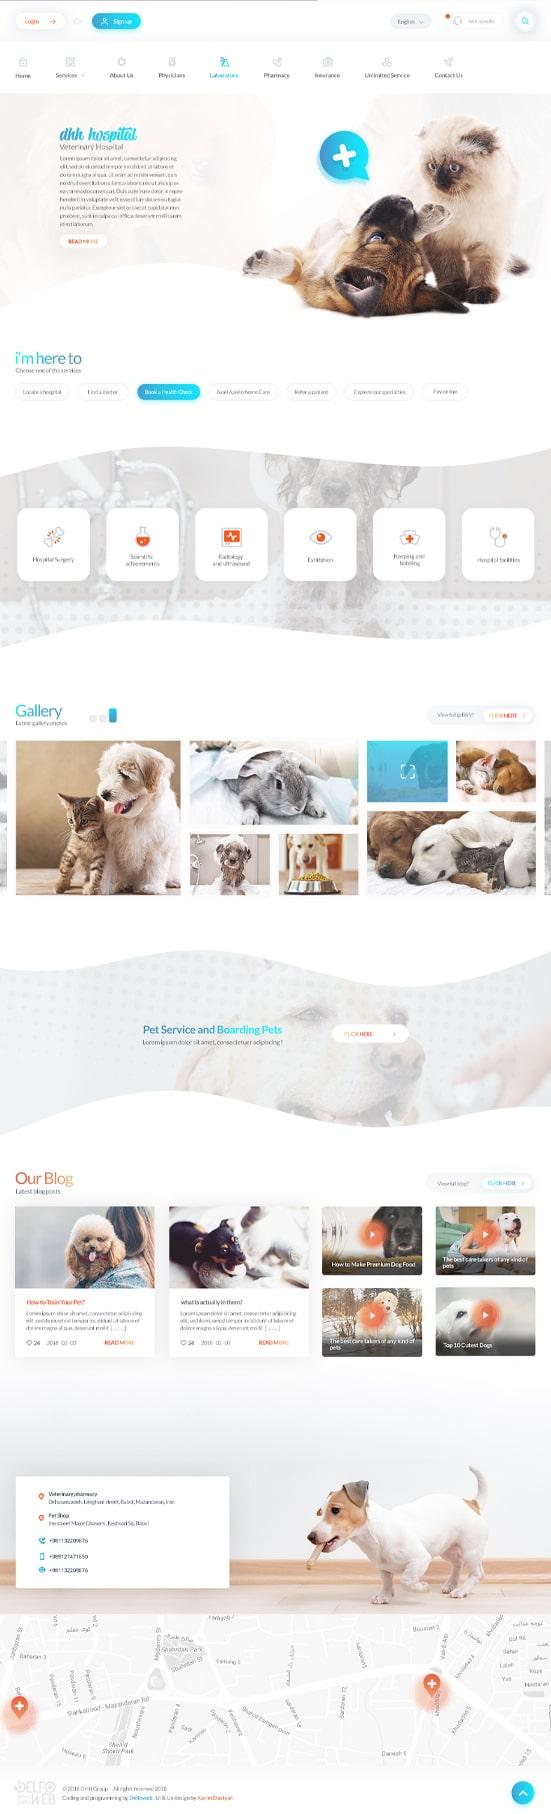 طراحی گرافیک سایت بیمارستان حیوانات DHH